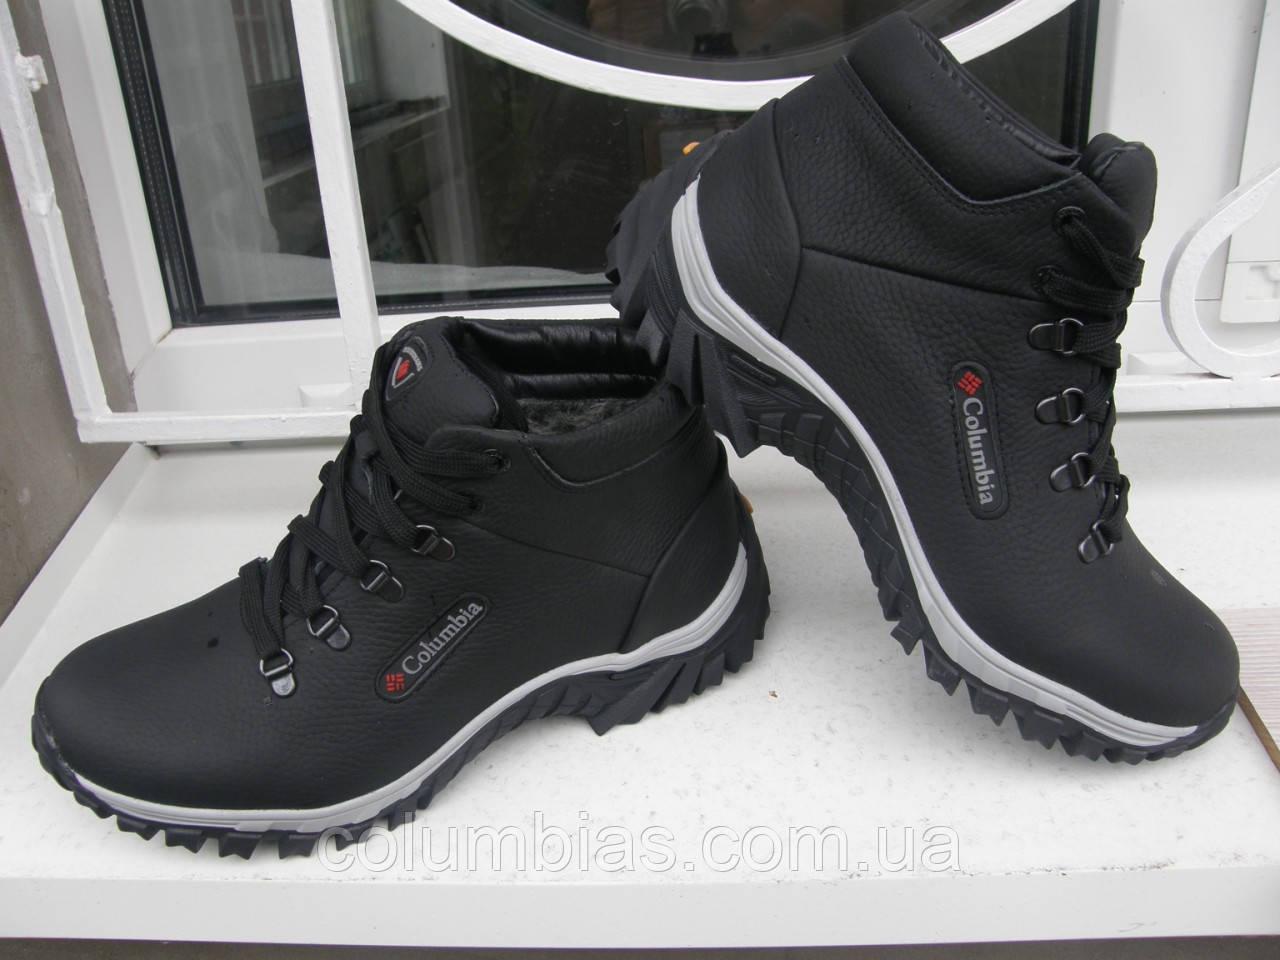 Ботинки Columbiia